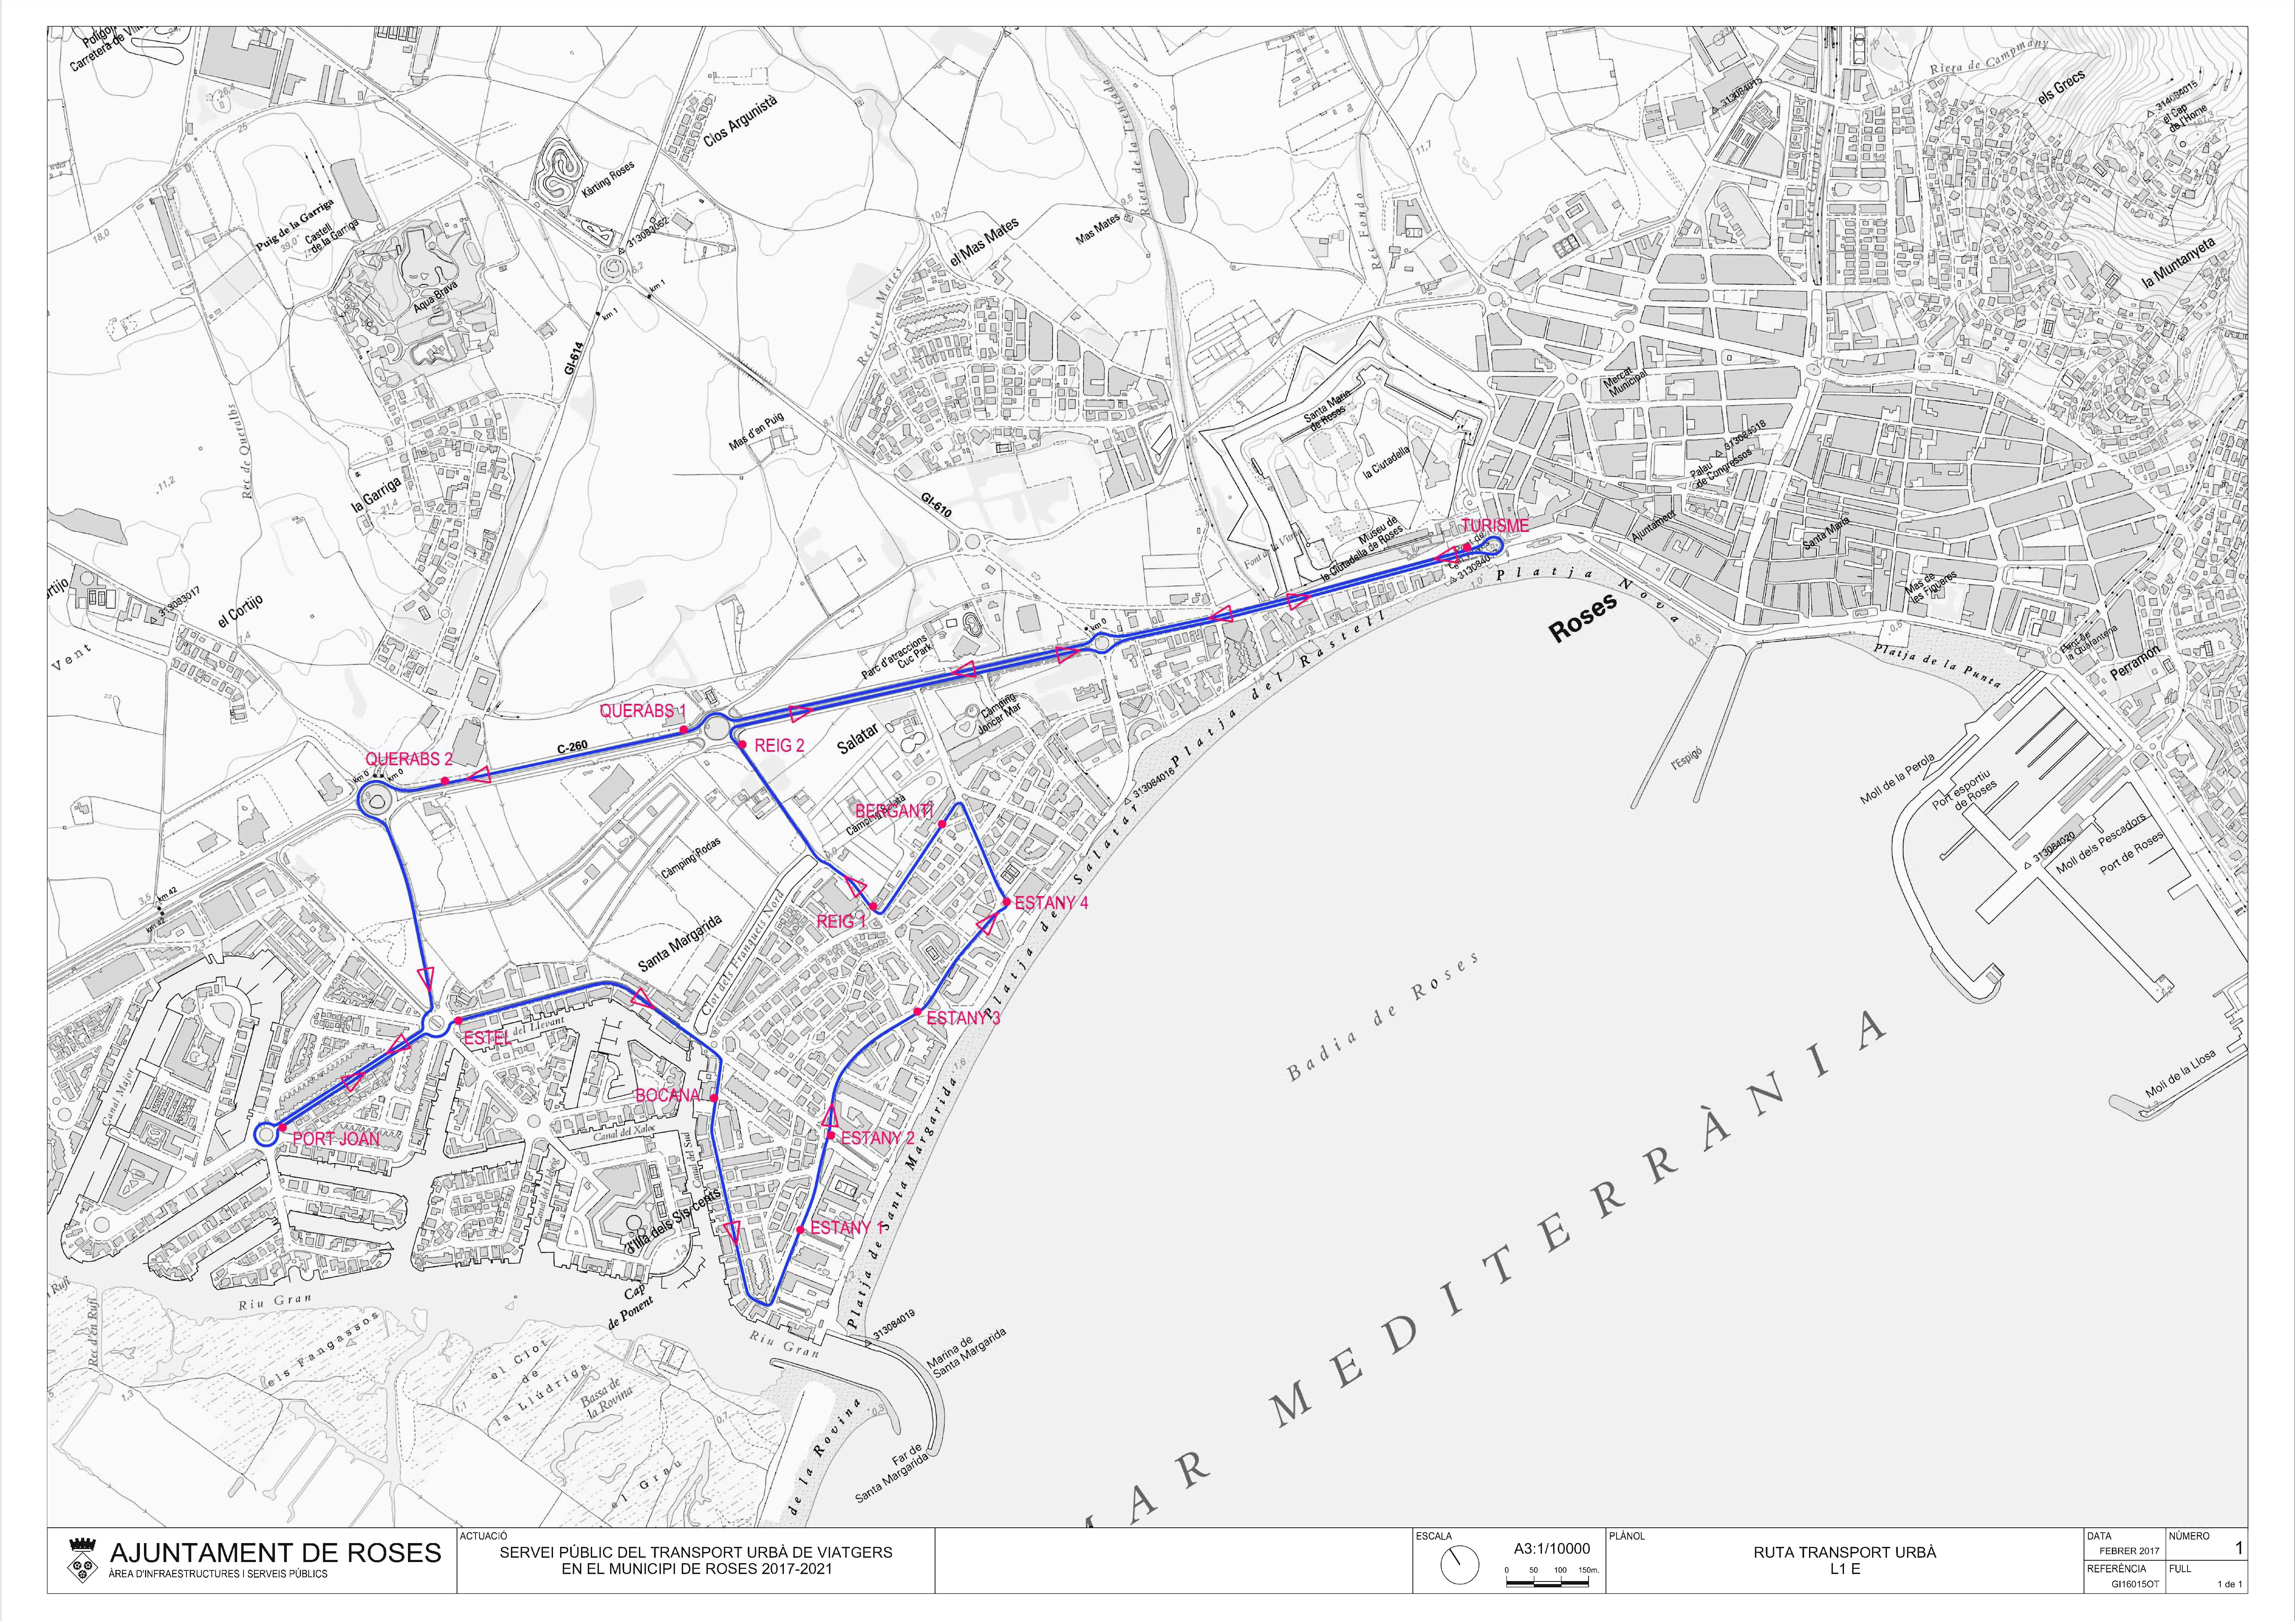 Dilluns 12 de juny s'inicia el servei de transport de viatgers de Santa Margarida